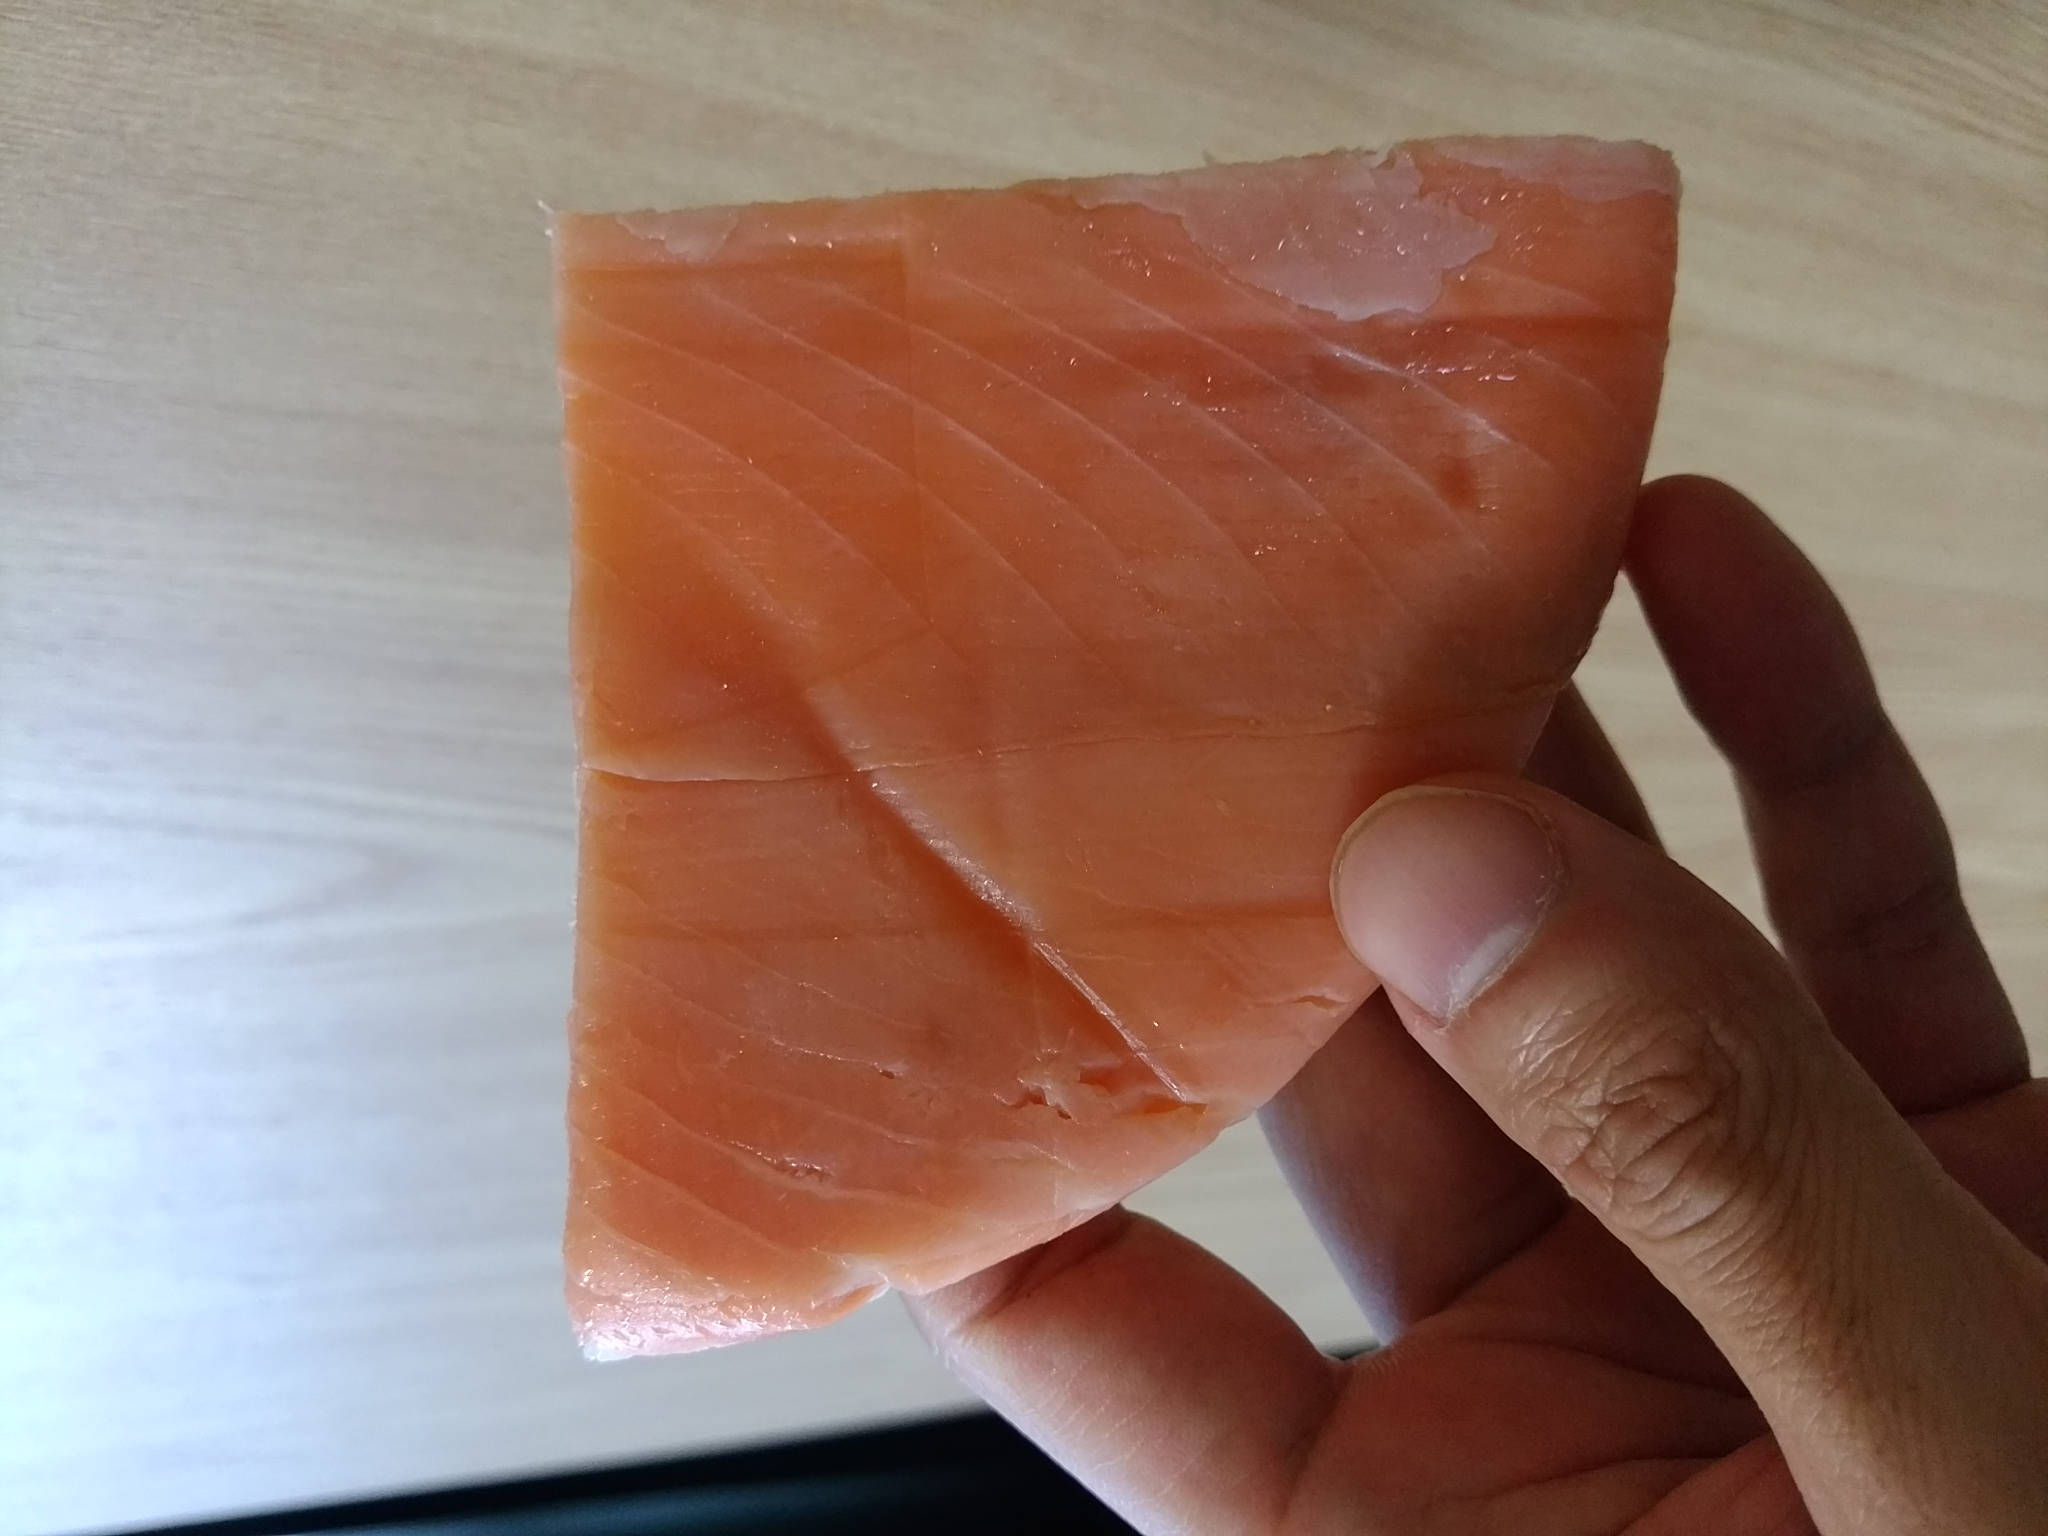 ます寿司の糖質量は?糖質制限でも食べられるの?